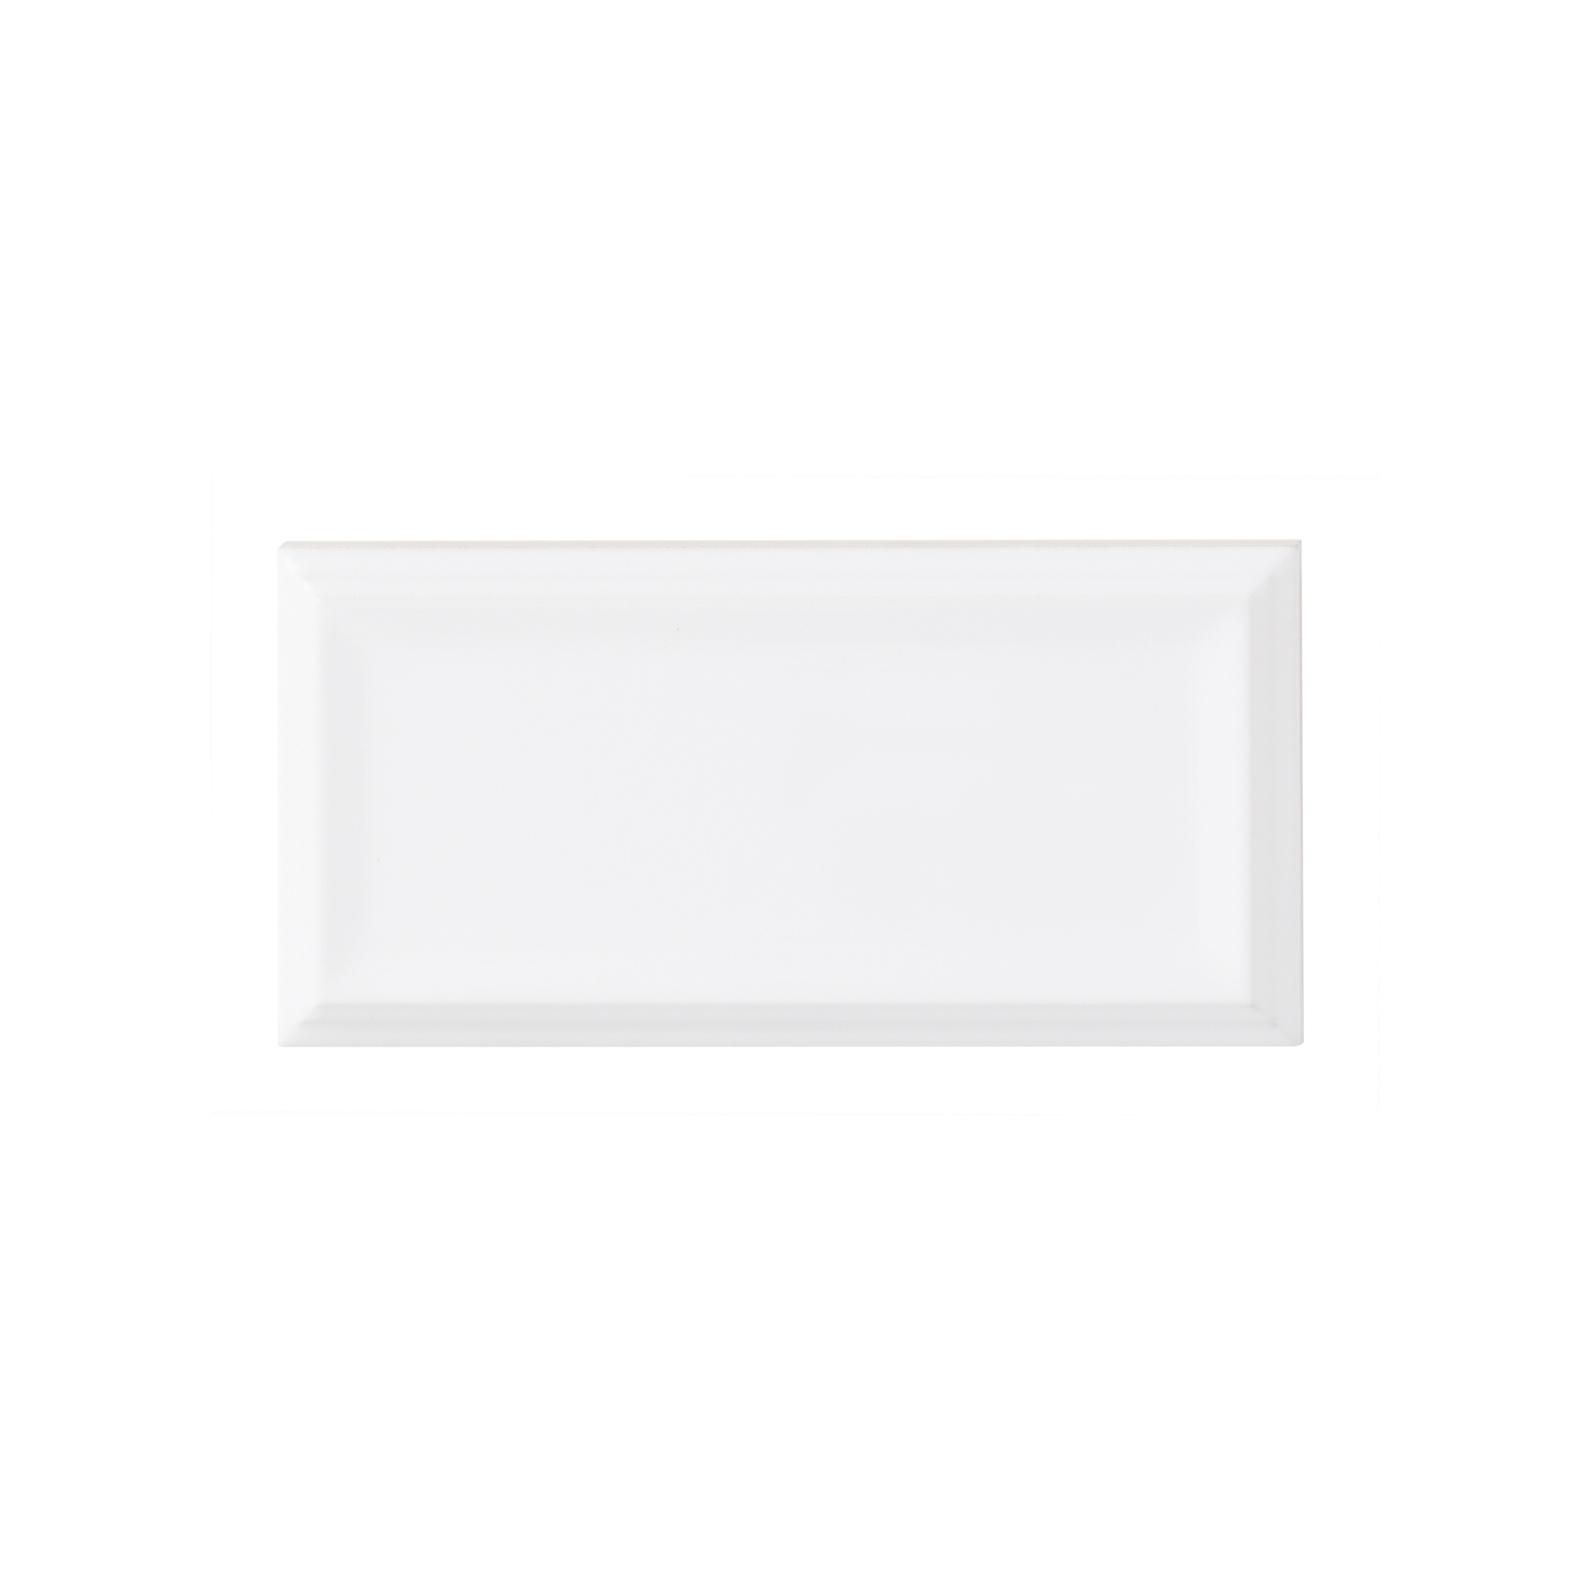 ADST1070 - LISO FRAMED - 7.3 cm X 14.8 cm